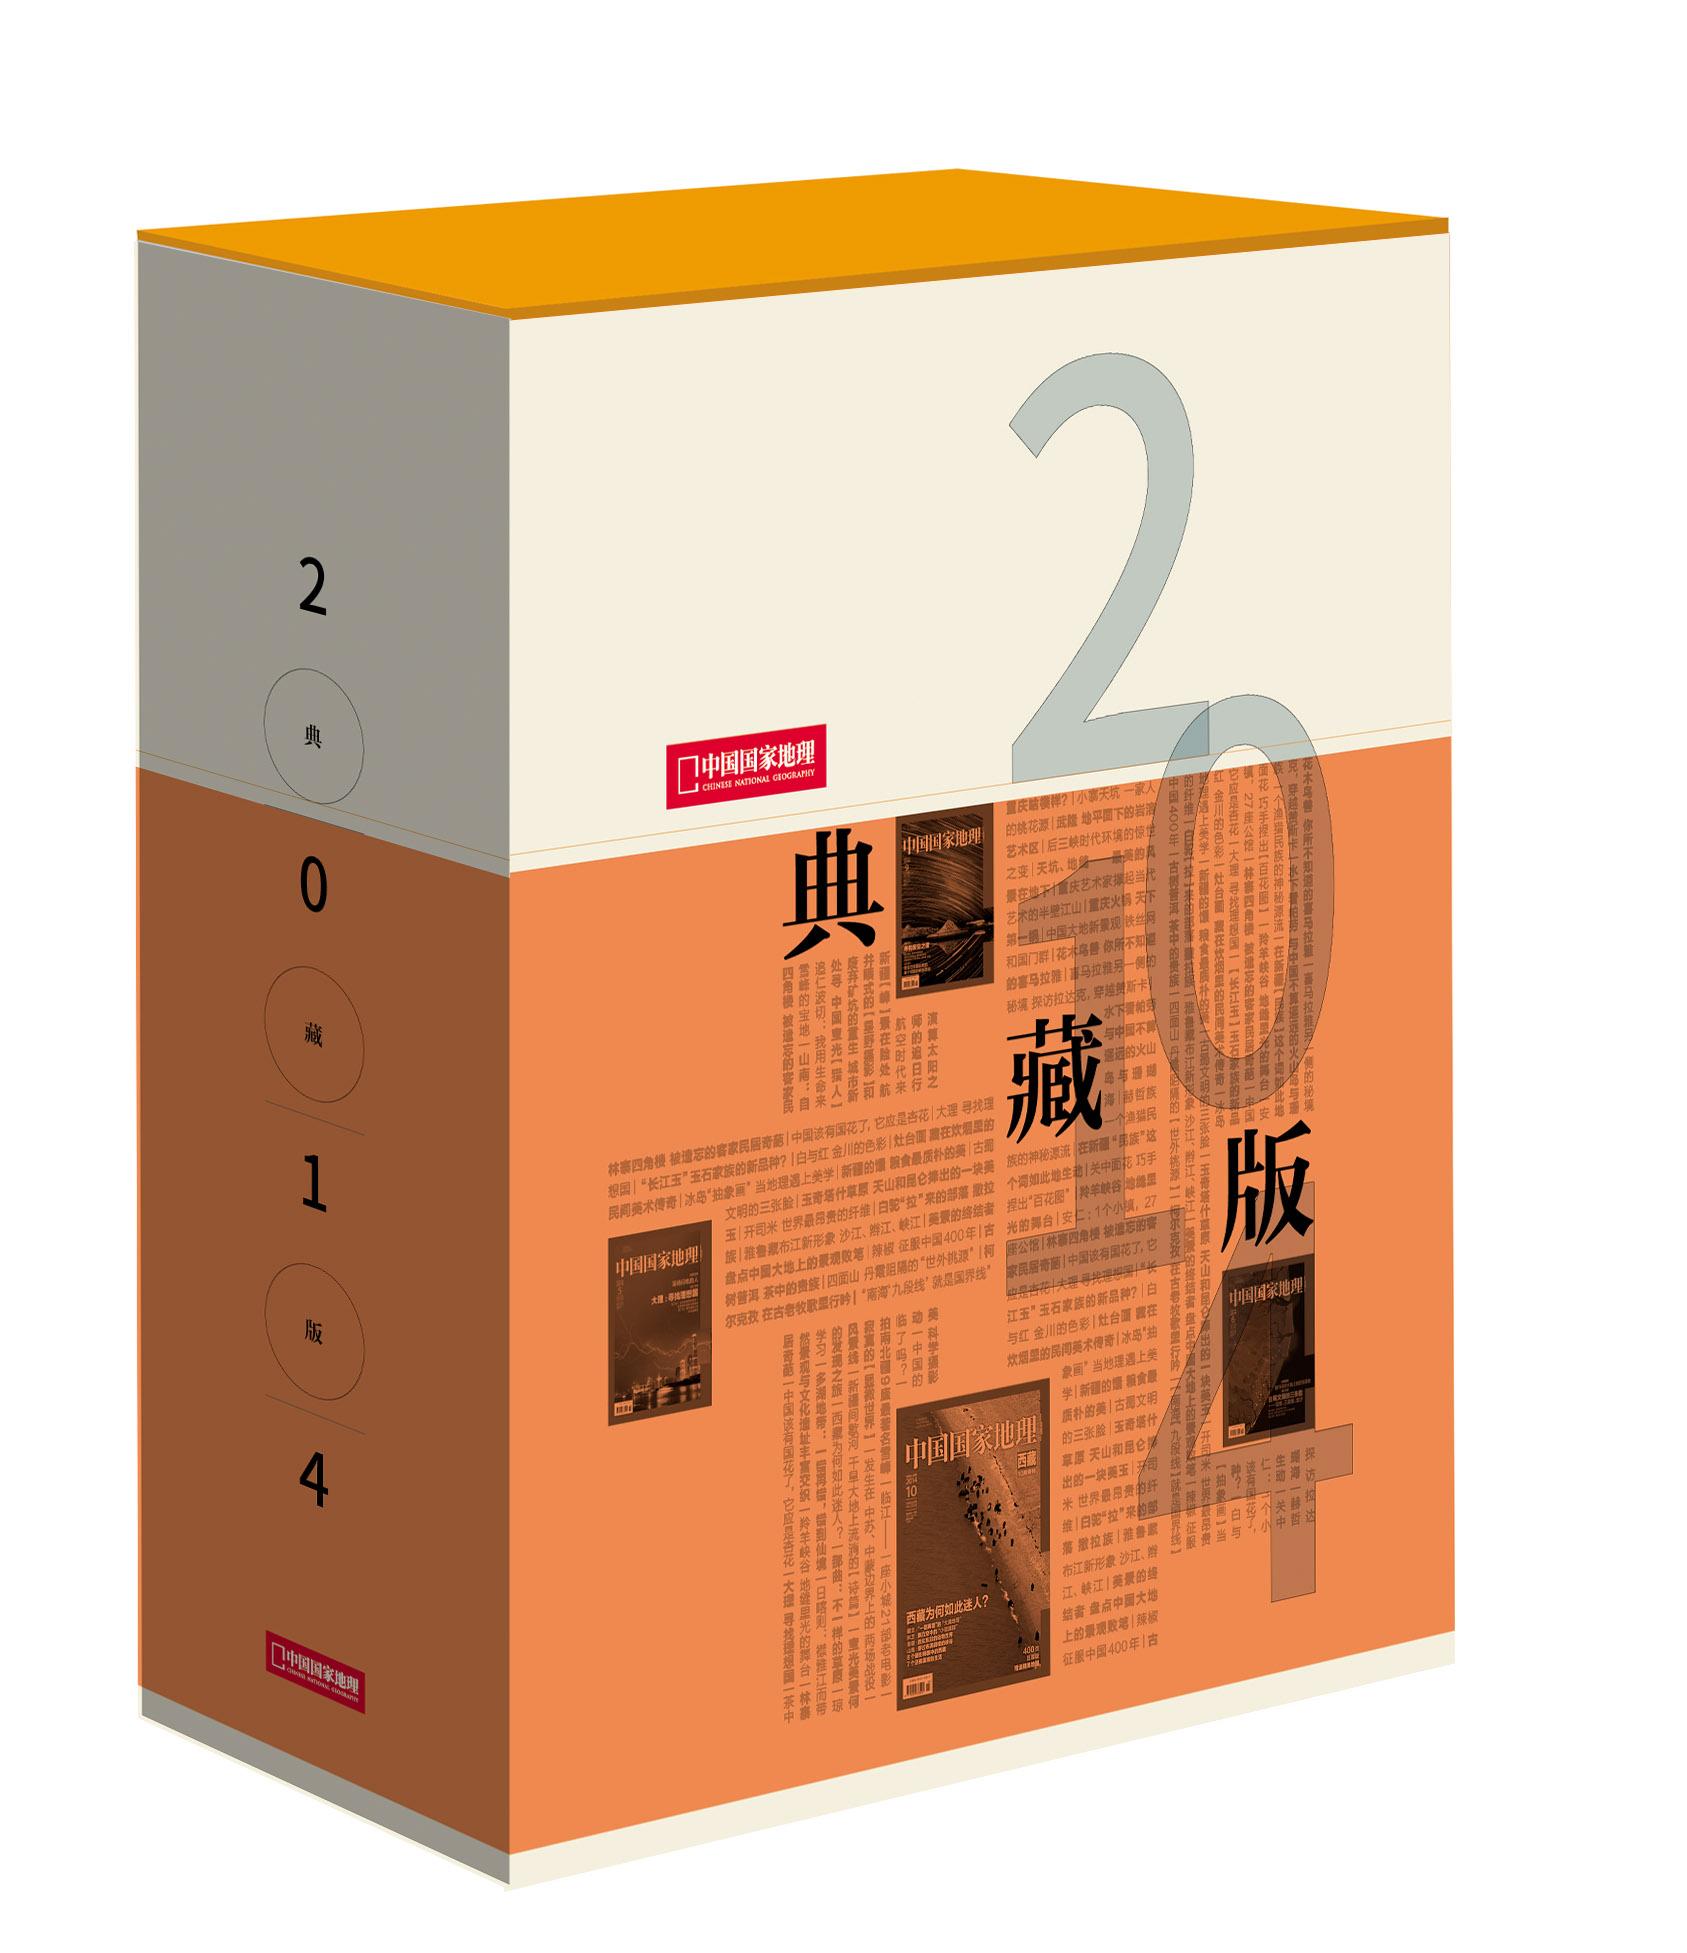 【典藏2014】中国国家地理 杂志  2014年全年典藏(12本)打包  正版期刊 原版过刊